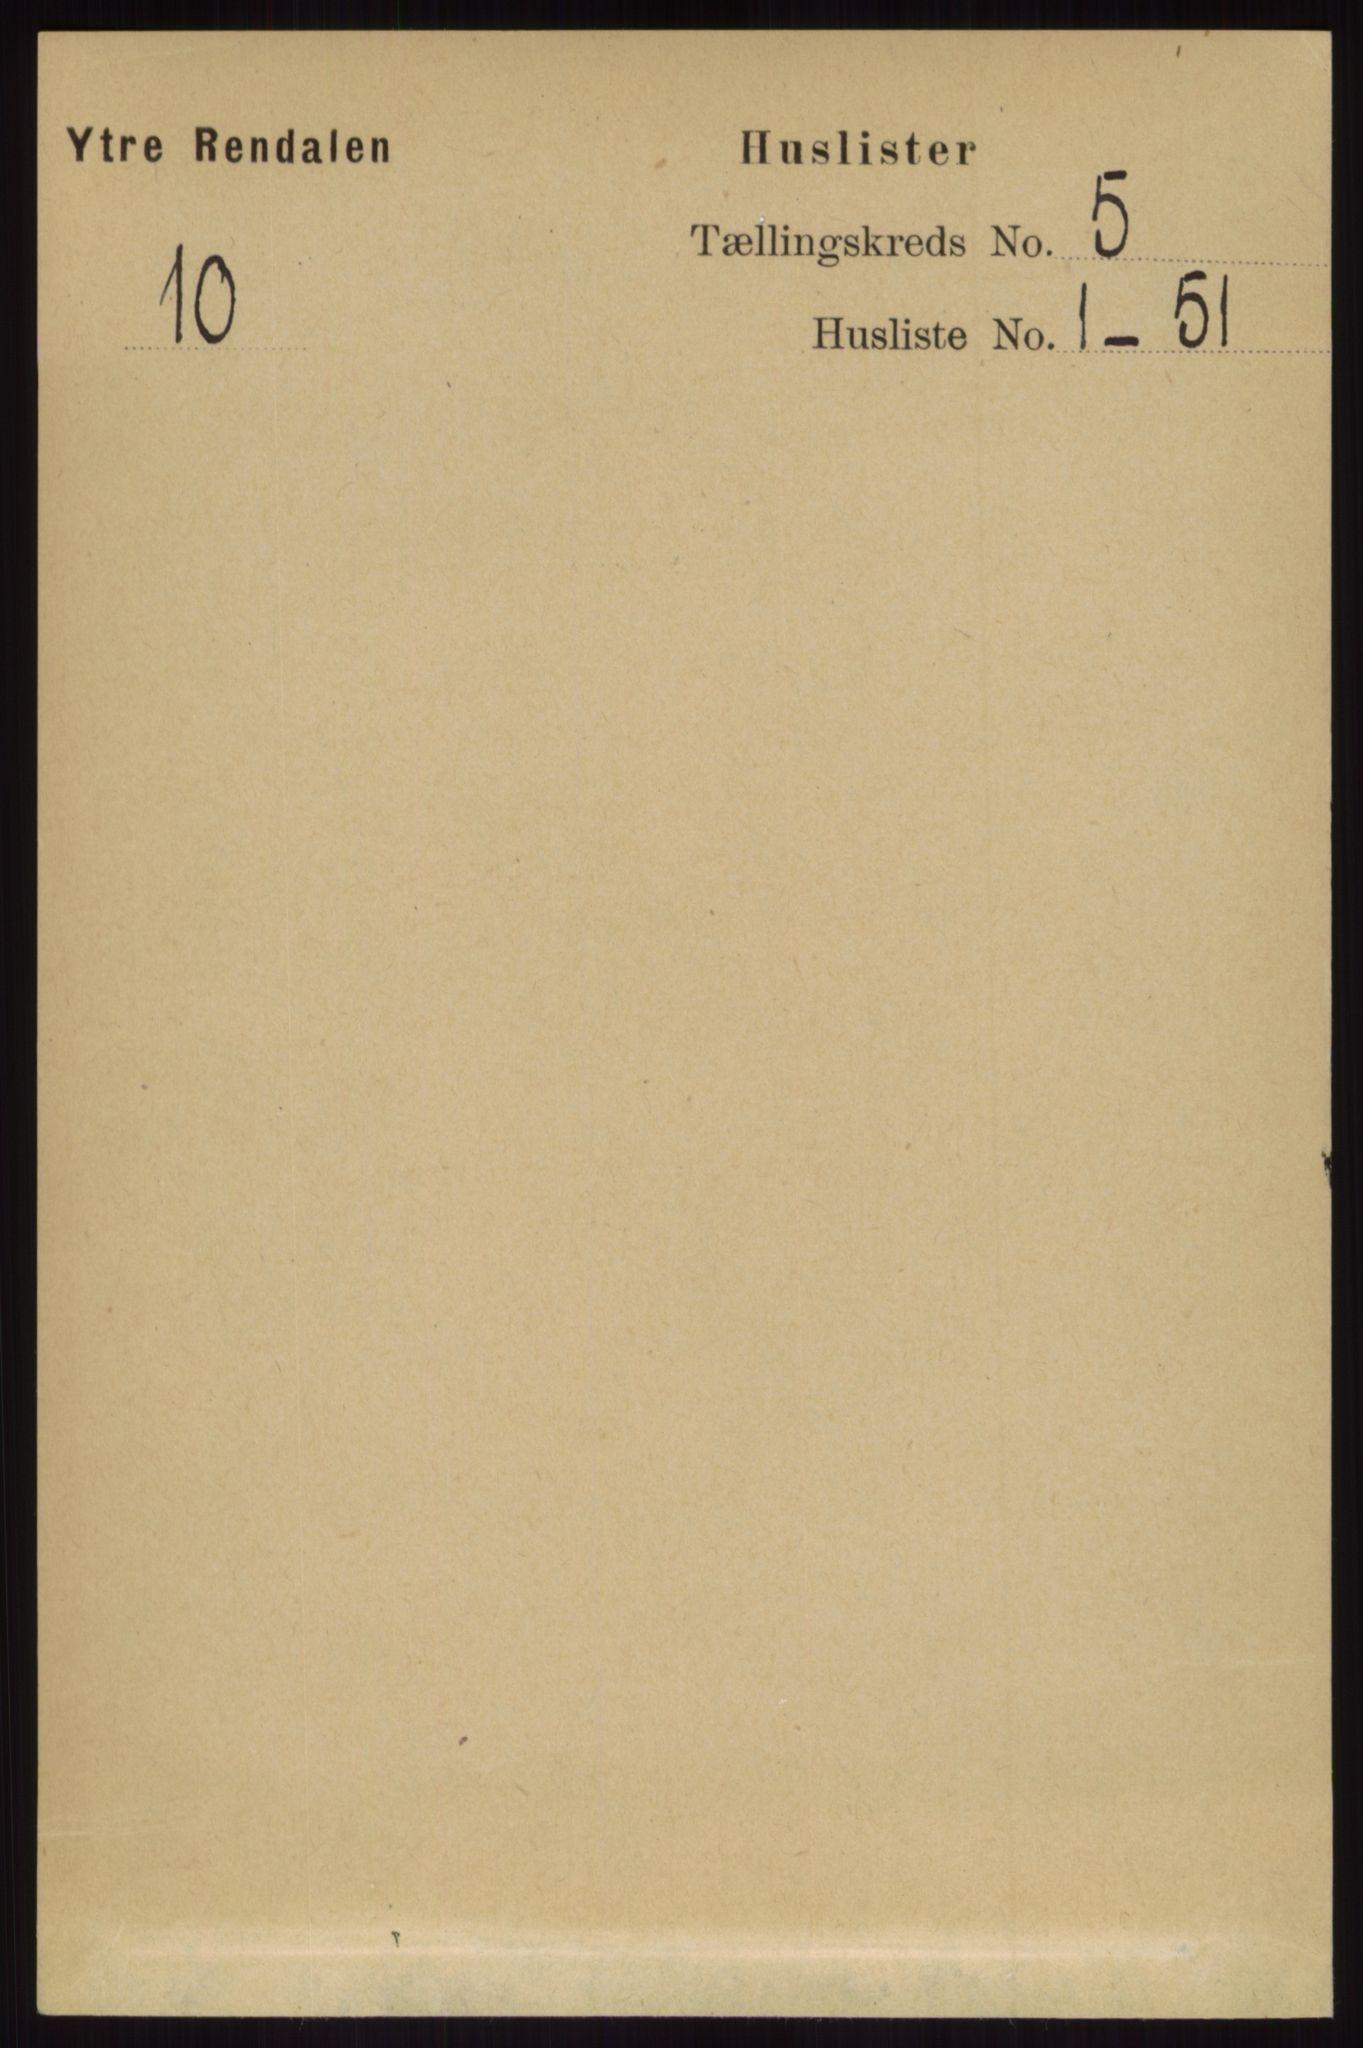 RA, Folketelling 1891 for 0432 Ytre Rendal herred, 1891, s. 1139